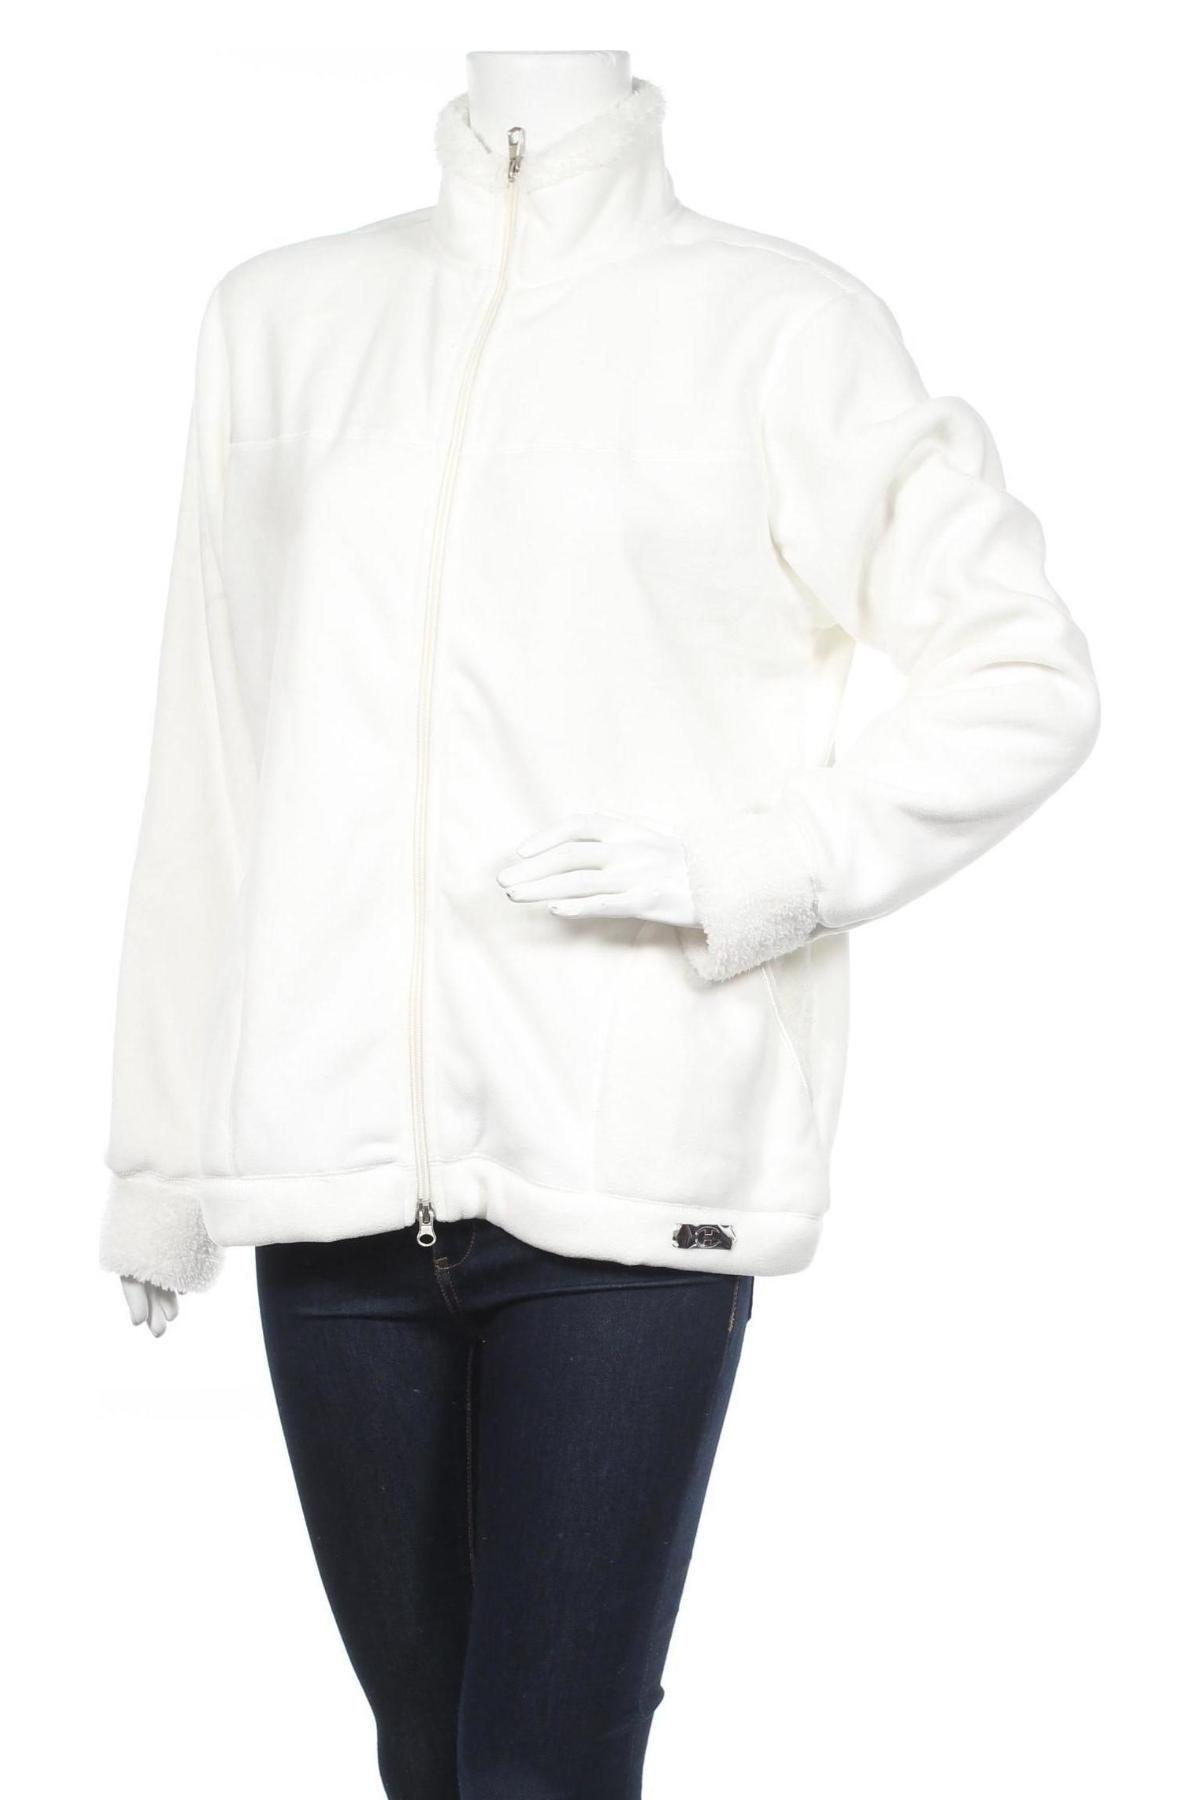 Дамско поларено горнище Champion, Размер XL, Цвят Бял, Полиестер, Цена 51,00лв.